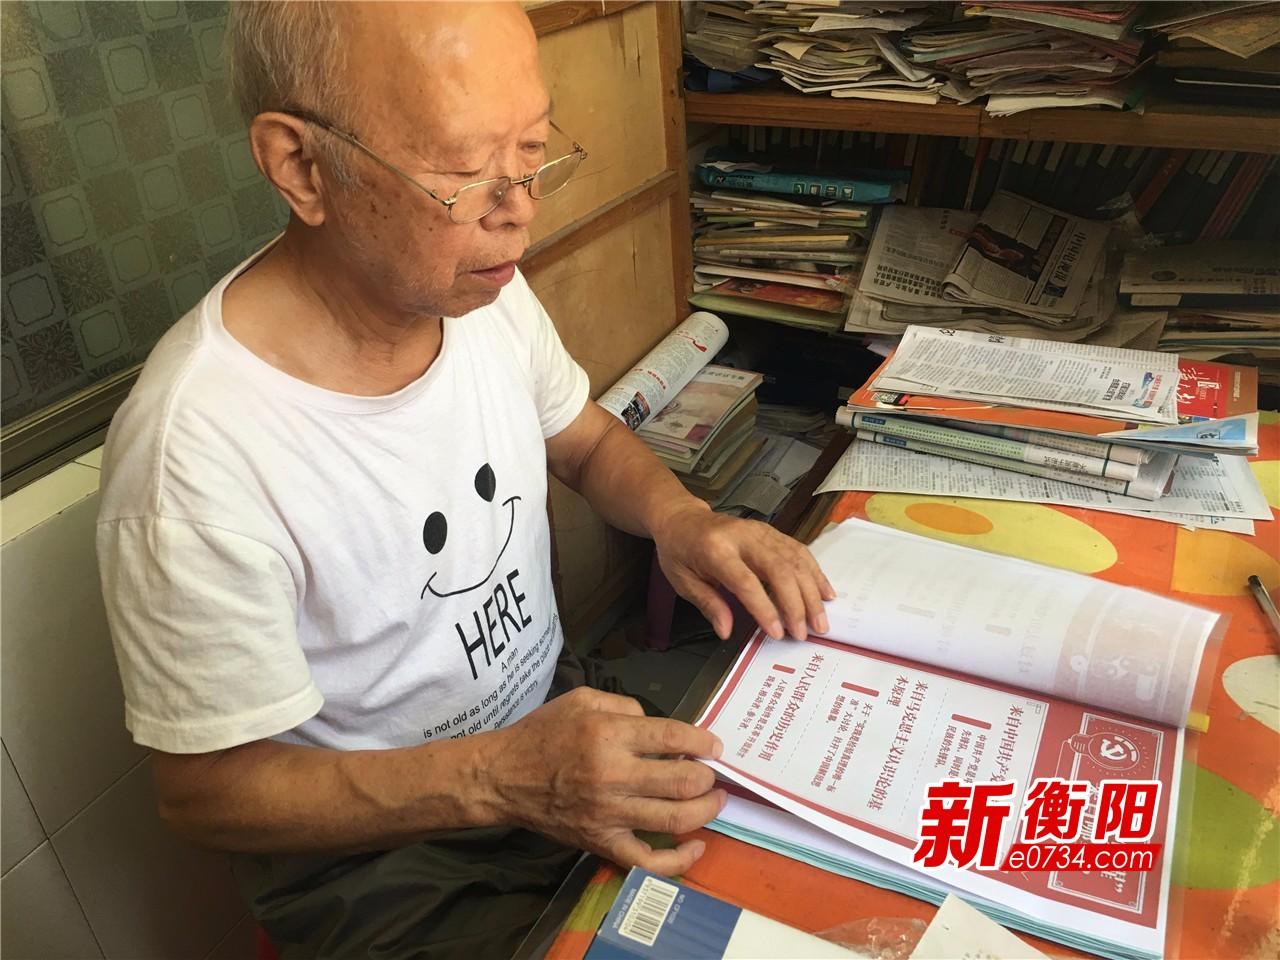 【我的1978】袁有余收藏剪报见证衡阳教育大发展